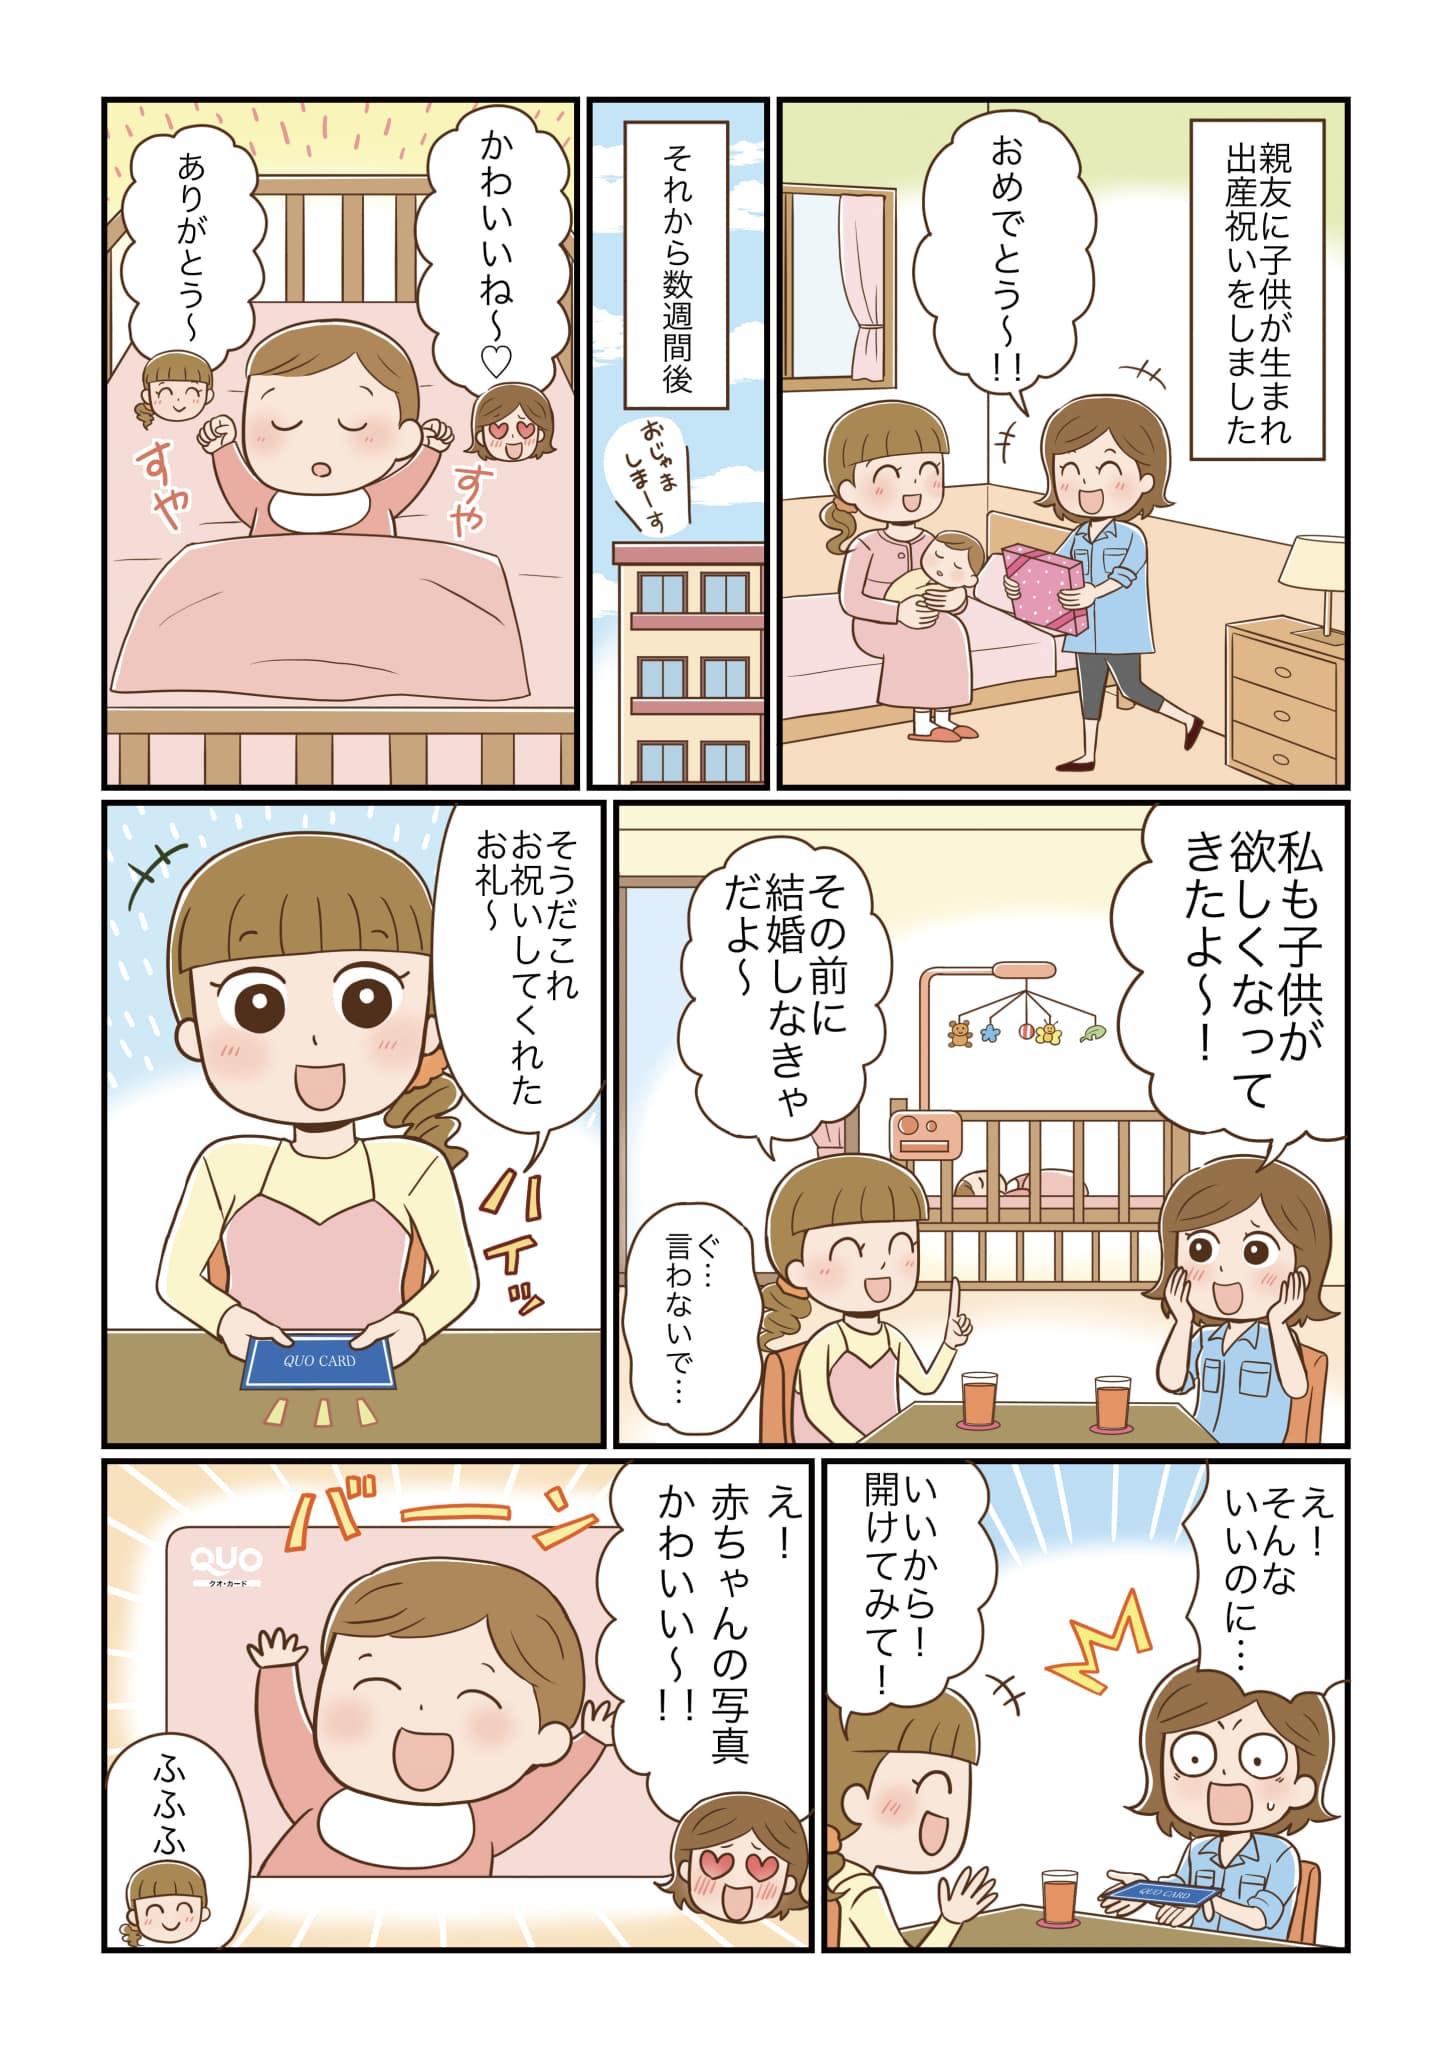 QUOカード エピソード漫画『お祝い返し 編』掲載サンプル1